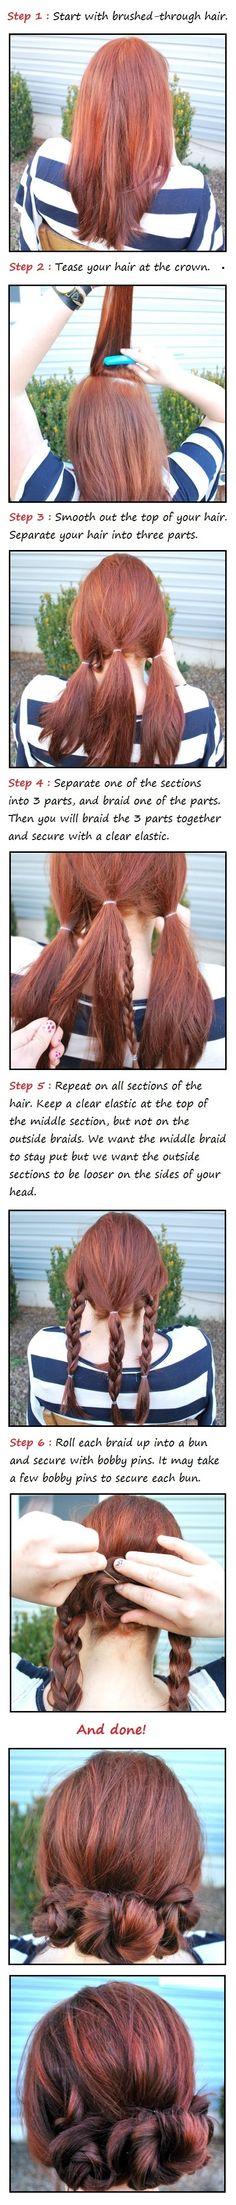 Cose da fare quando riavró dei capelli lunghi